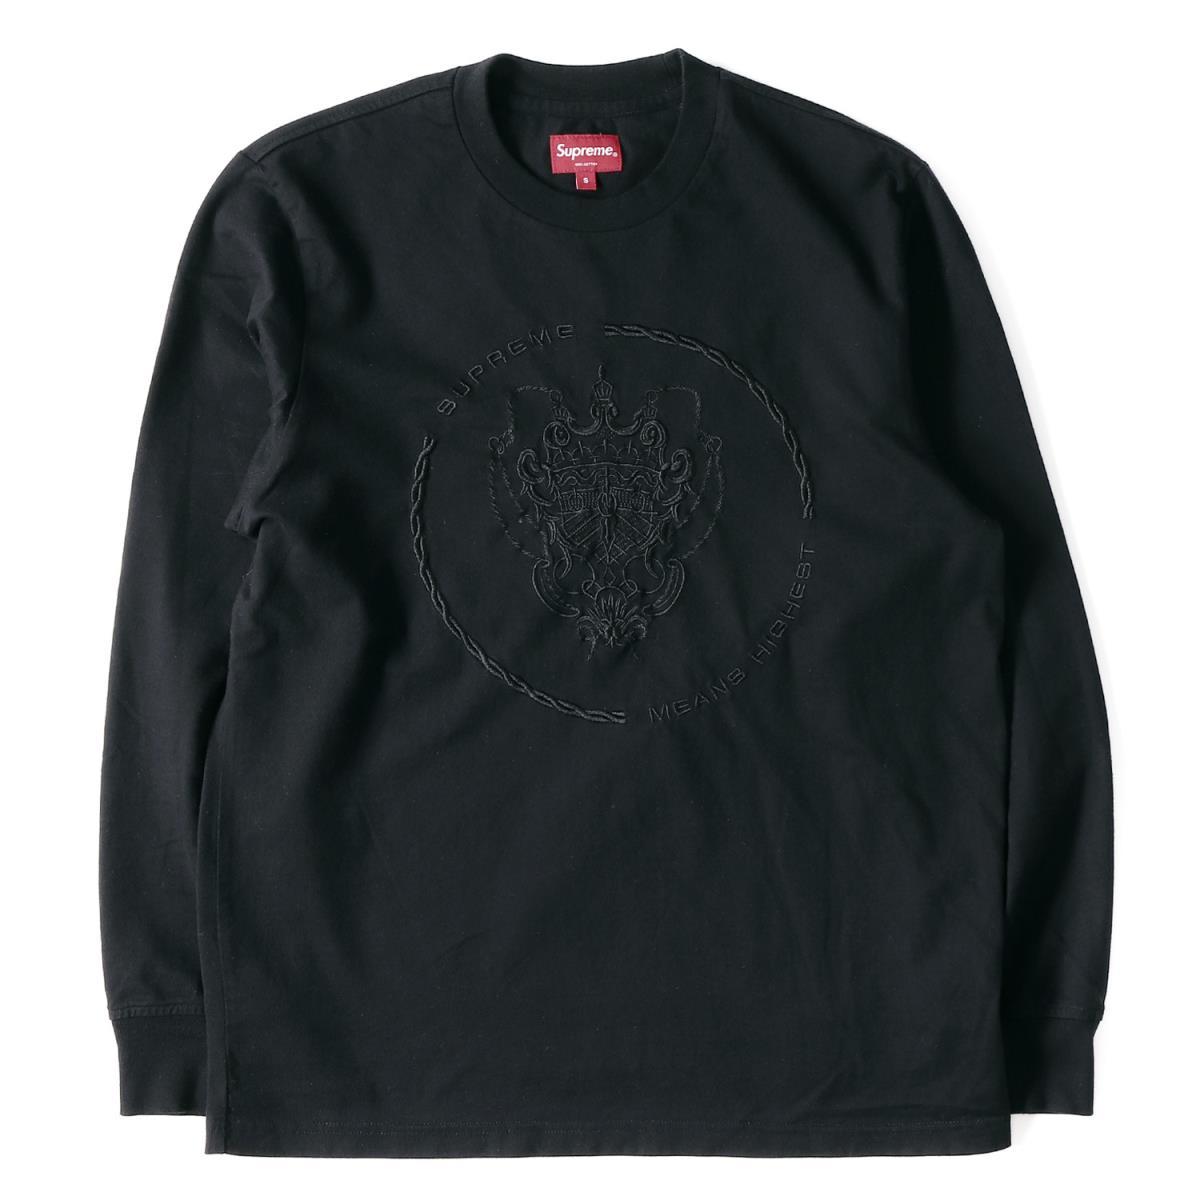 Supreme (シュプリーム) 18A/W クラウン刺繍ロングスリーブTシャツ(Crest L/S TOP) ブラック S 【メンズ】【K2131】【中古】